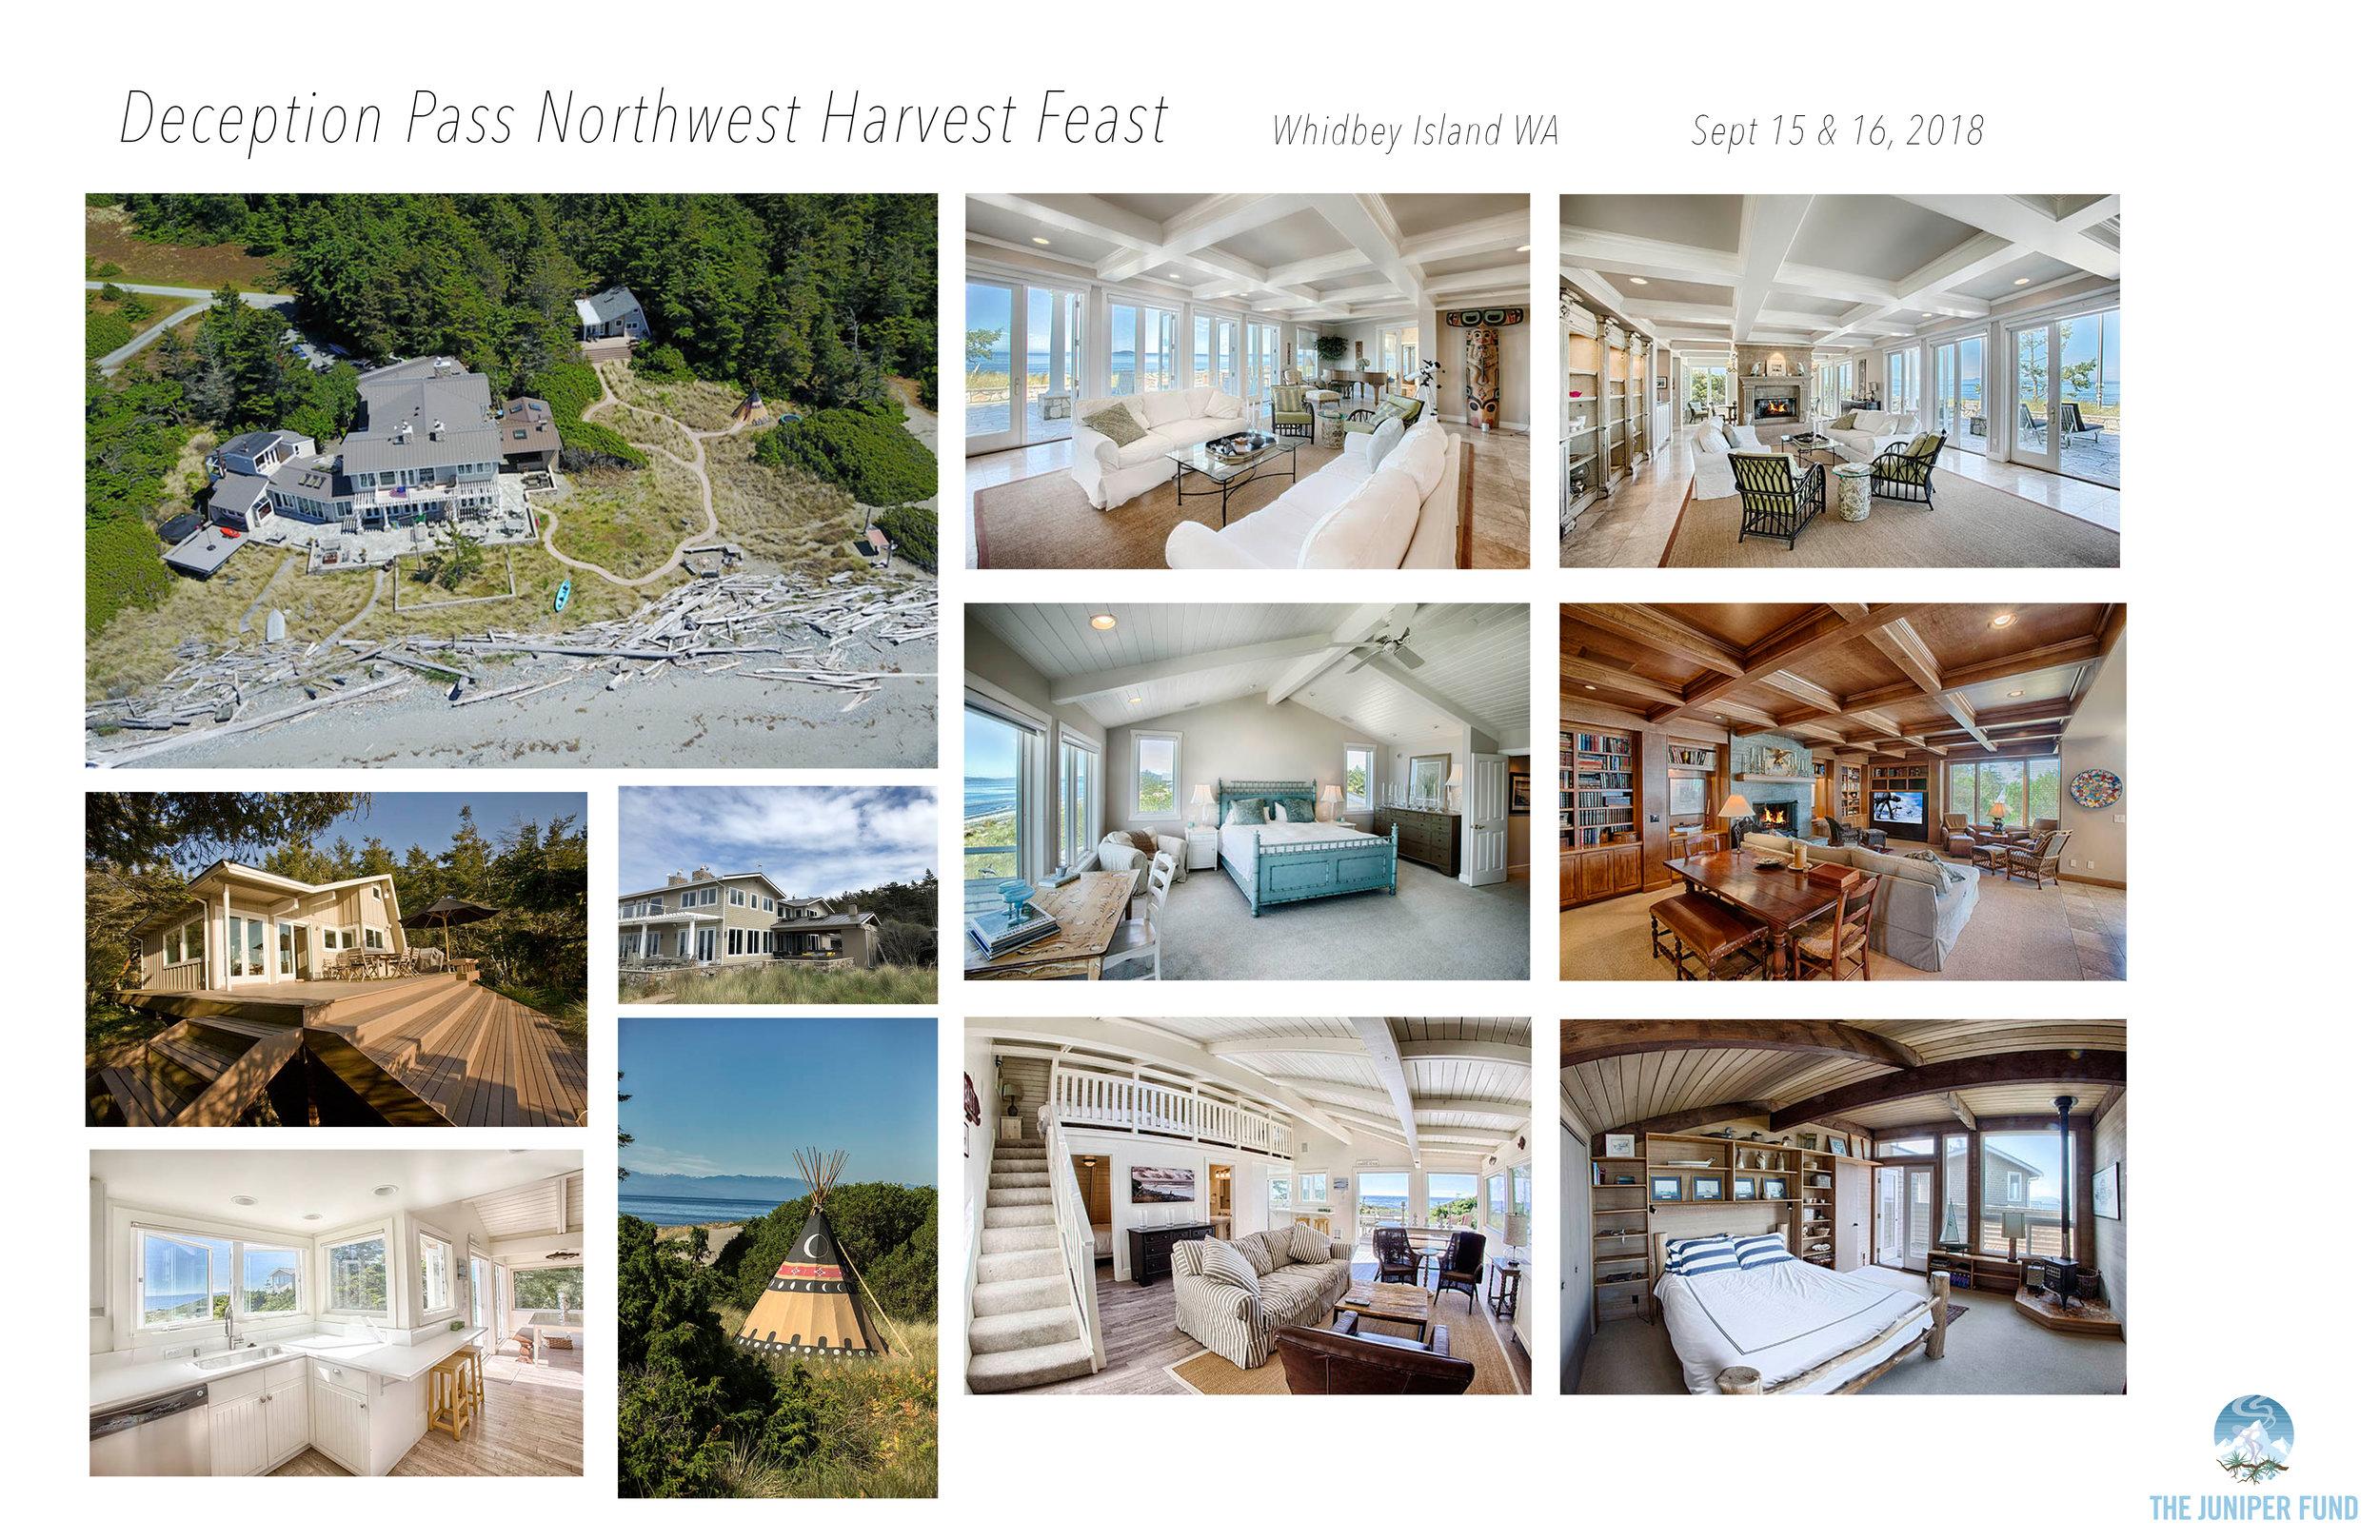 HarvestFeast3.jpg